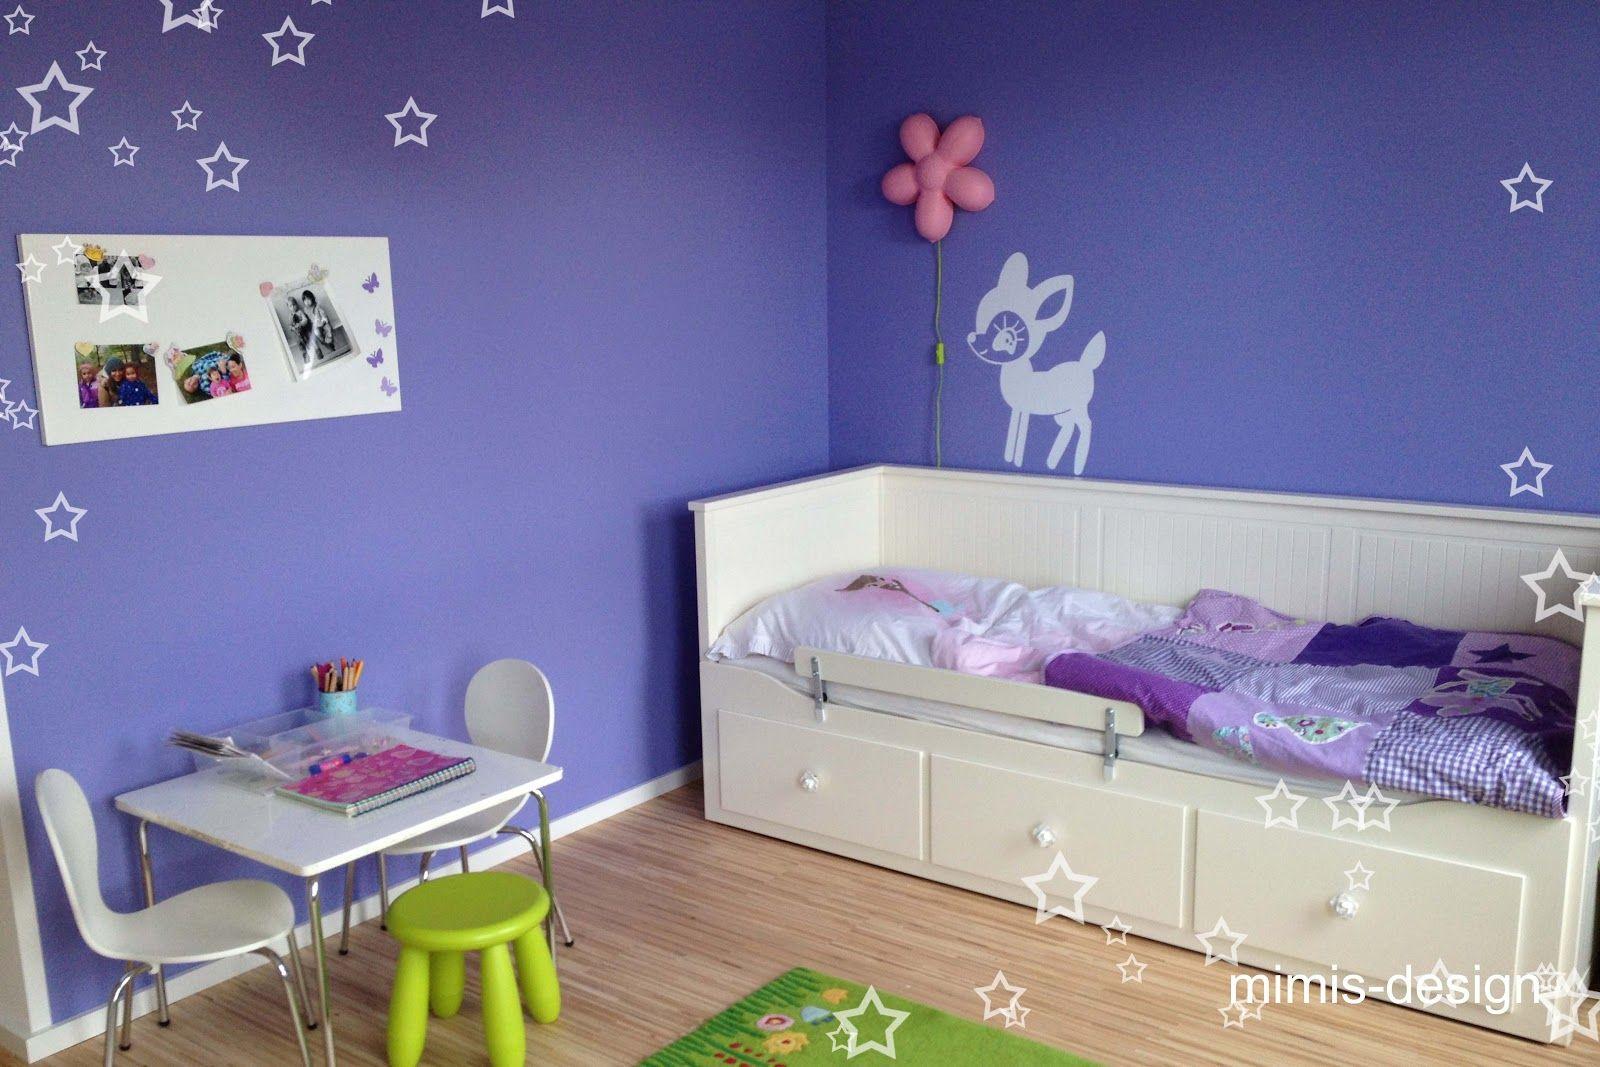 Mimis Design Kinderzimmer Madchenzimmer Ikea Hack Hemnes Tagesbett